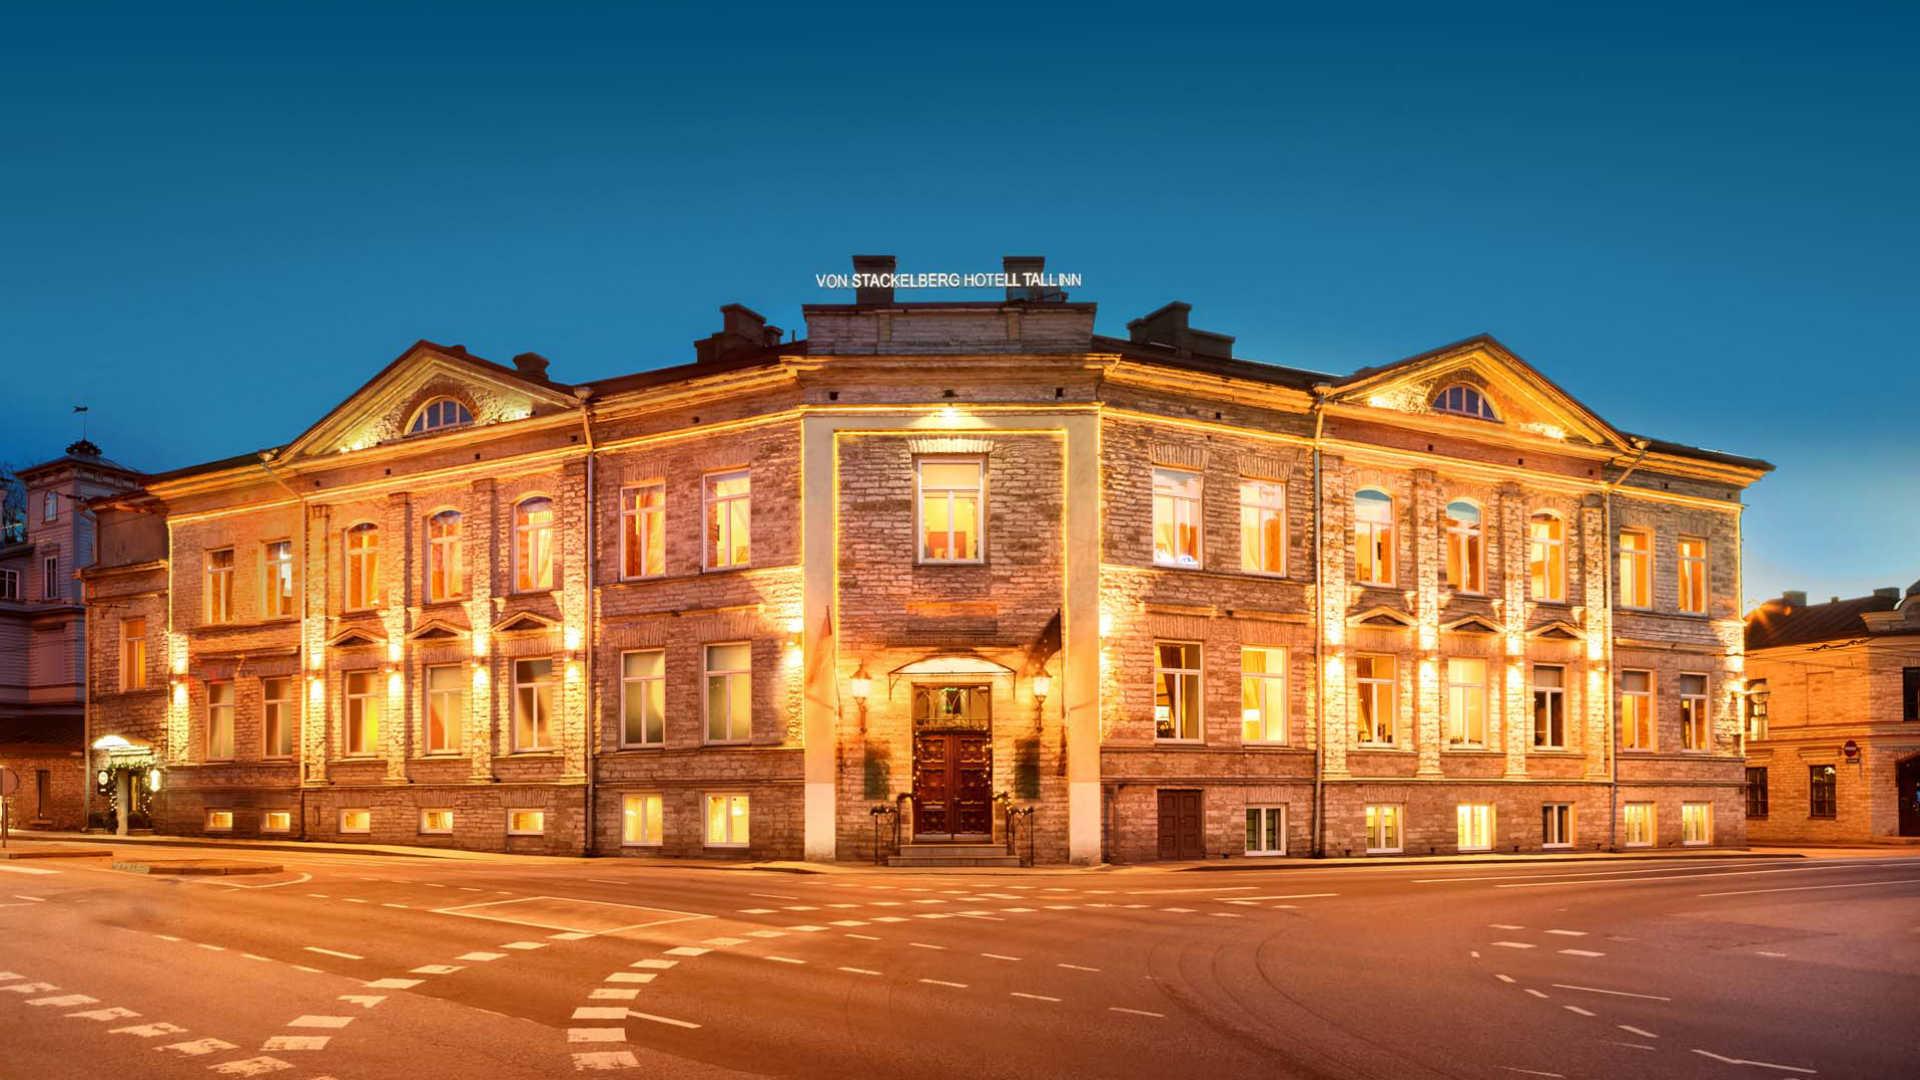 Hotels Tallinn